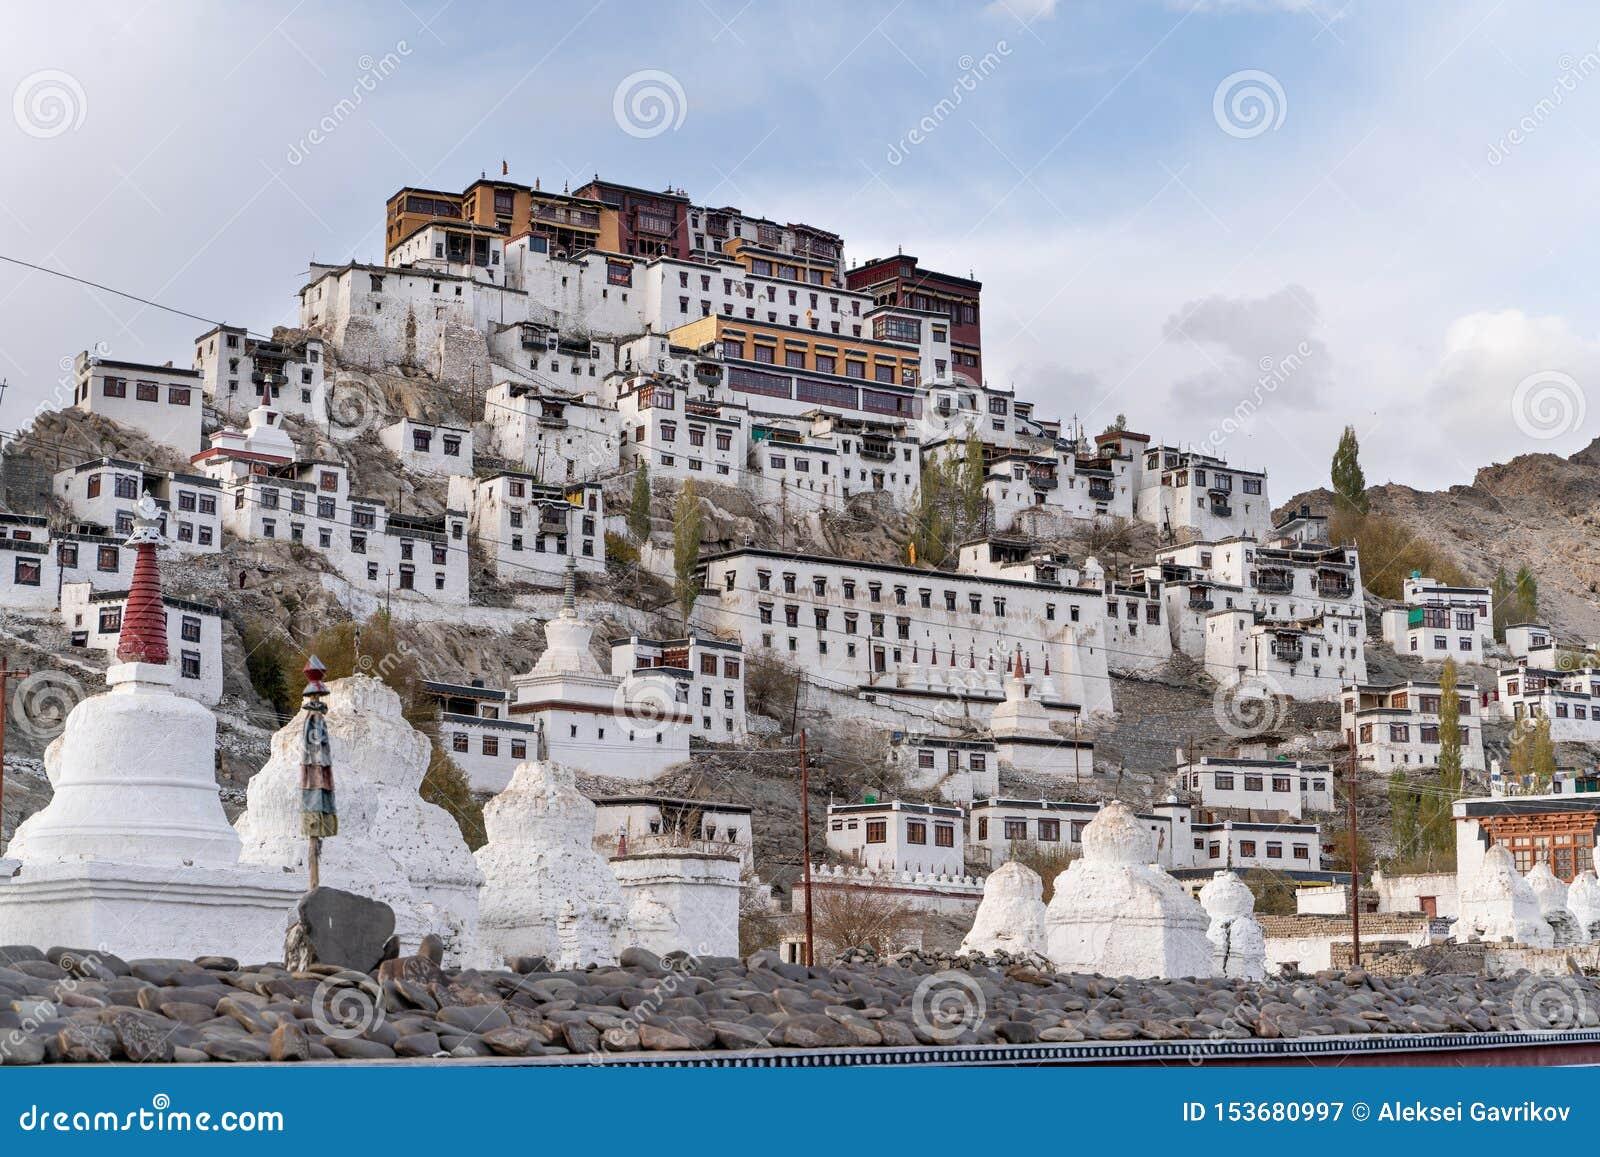 Το παλαιό μοναστήρι Thiksay στο μικρό χωριό Theksey